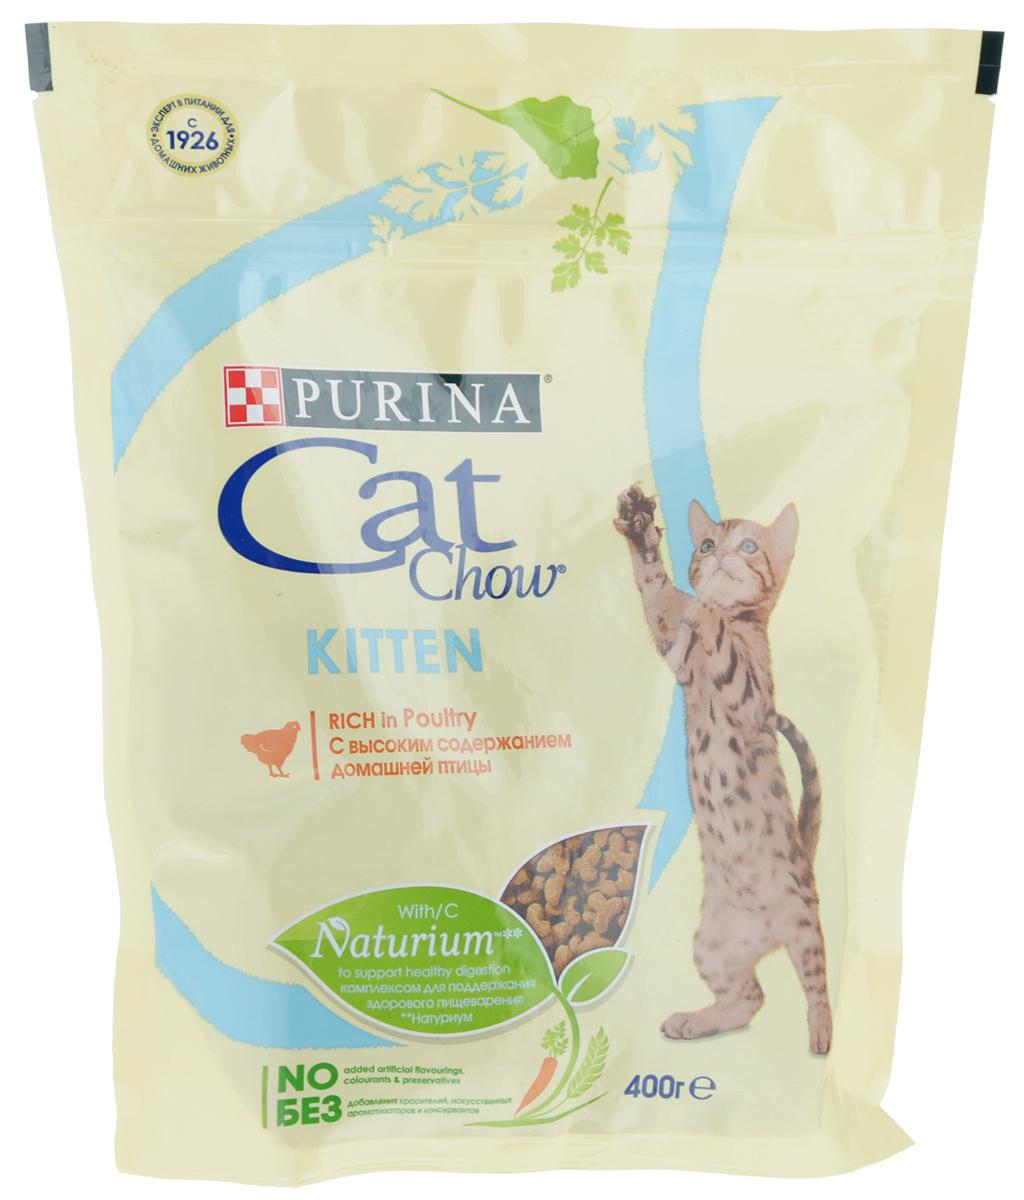 Корм сухой для котят Cat Chow Kitten, с домашней птицей, 400 г12267386Сухой корм Cat Chow Kitten - полнорационный сбалансированный корм для котят. Рецептура с высоким содержанием домашней птицы имеет специально отобранные по качеству источники протеина, чтобы удовлетворить естественные потребности кошек. Корм Cat Chow Kitten бережно приготовлен с натуральными ингредиентами (петрушка, шпинат, морковь, цельные зерна злаков, цикорий и дрожжи) для придания особого аромата, который кошки выбирают инстинктивно. Комплекс Naturium в кормах Cat Chow - это особое сочетание волокон природного происхождения. Он включает источник натурального пребиотика, который, как было доказано, улучшает баланс микрофлоры кишечника и поддерживает здоровье пищеварительной системы кошки. Это позволяет ей питаться с большей пользой. Включает омега-3 жирную кислоту, которая естественно содержится в материнском молоке и помогает поддерживать развитие мозга и зрения вашего котенка. Корм без добавления красителей, искусственных ароматизаторов и консервантов. ...